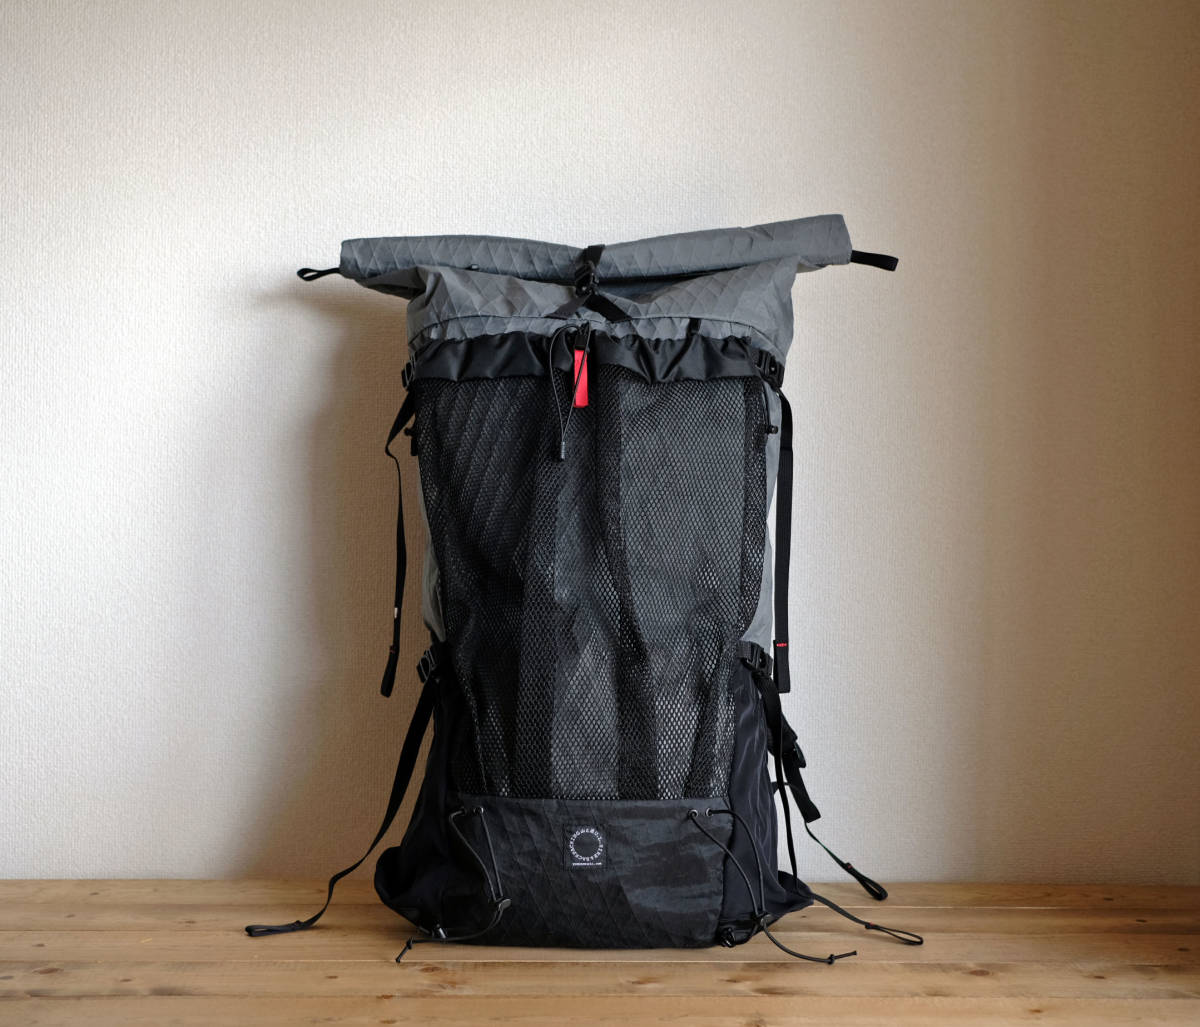 山と道 THREE MESH/ golite gossamer gear ultralight zpacks ULA HMG バックパック